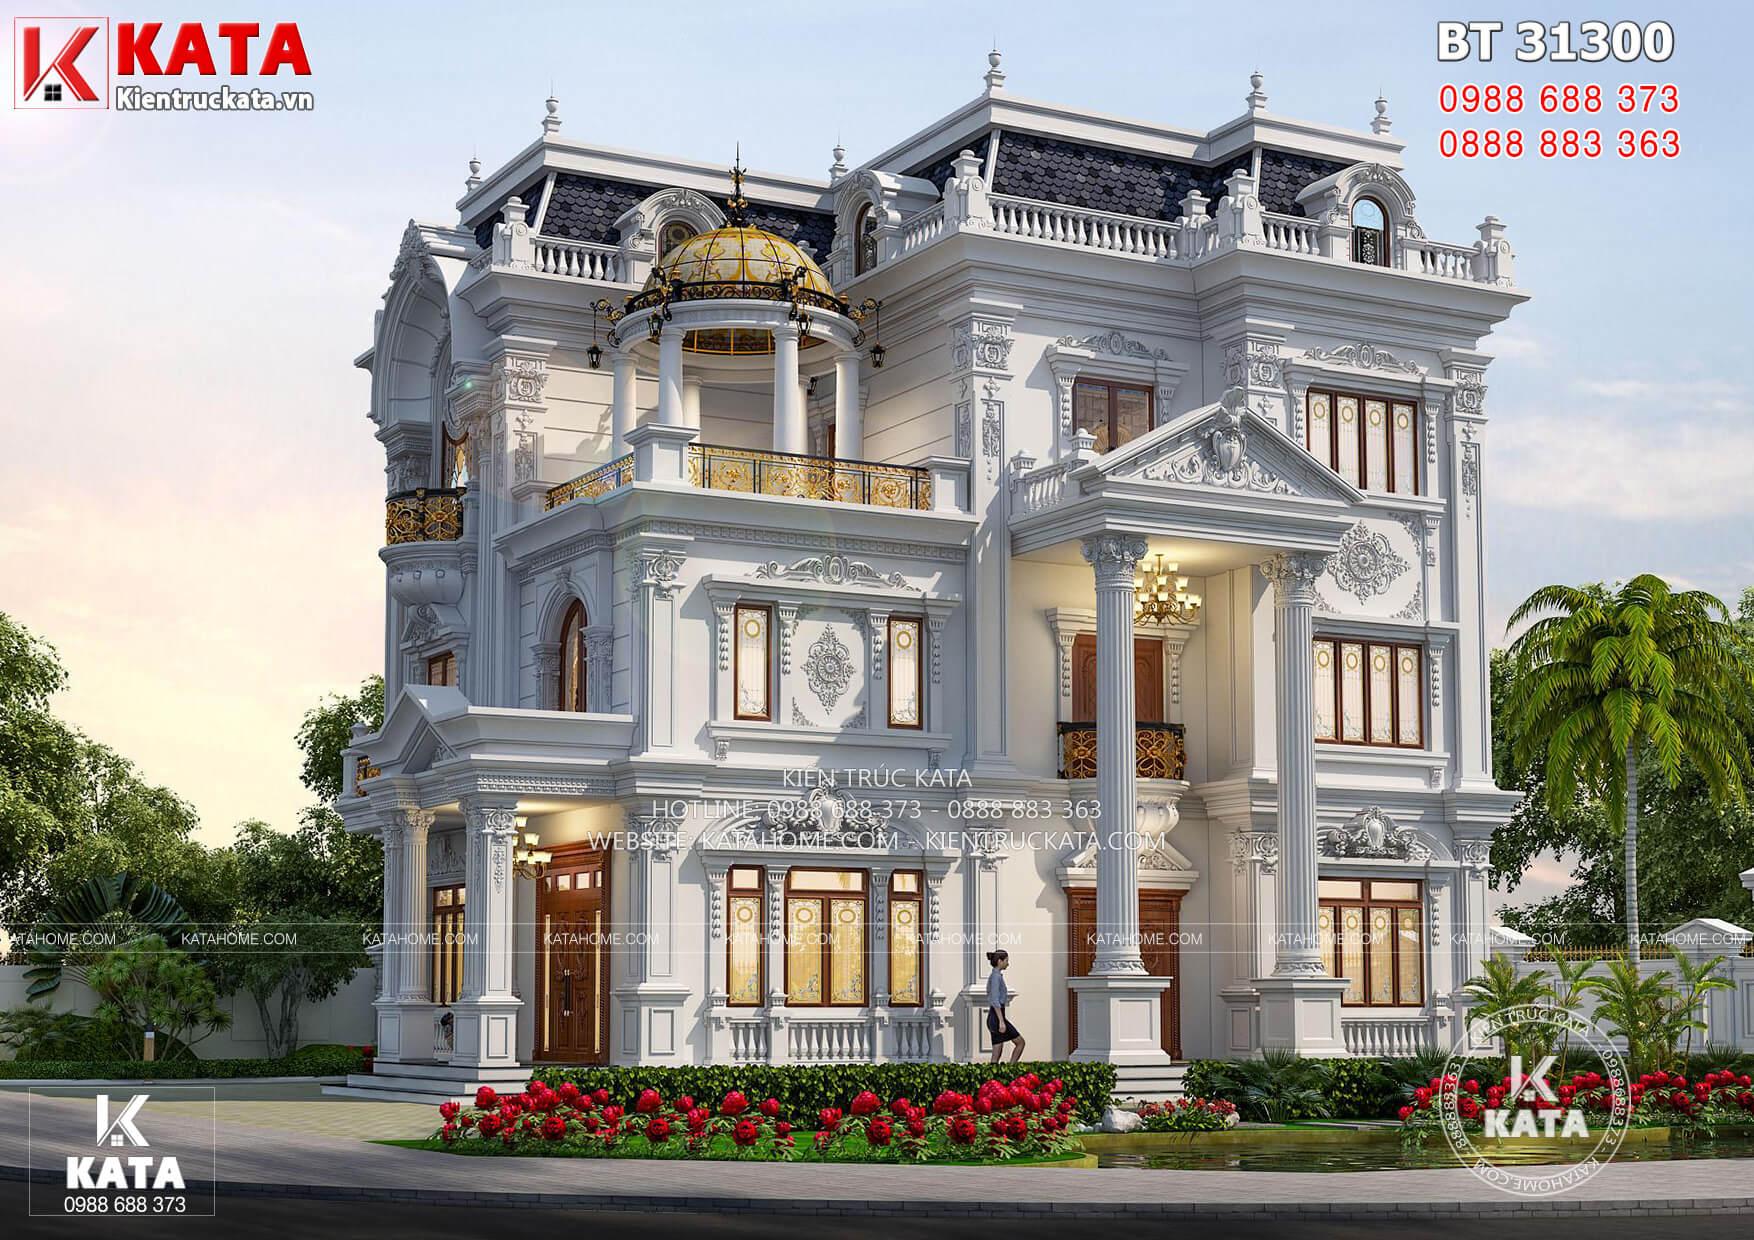 Một góc view của mẫu nhà tân cổ điển 3 tầng đẹp tại Vĩnh Long